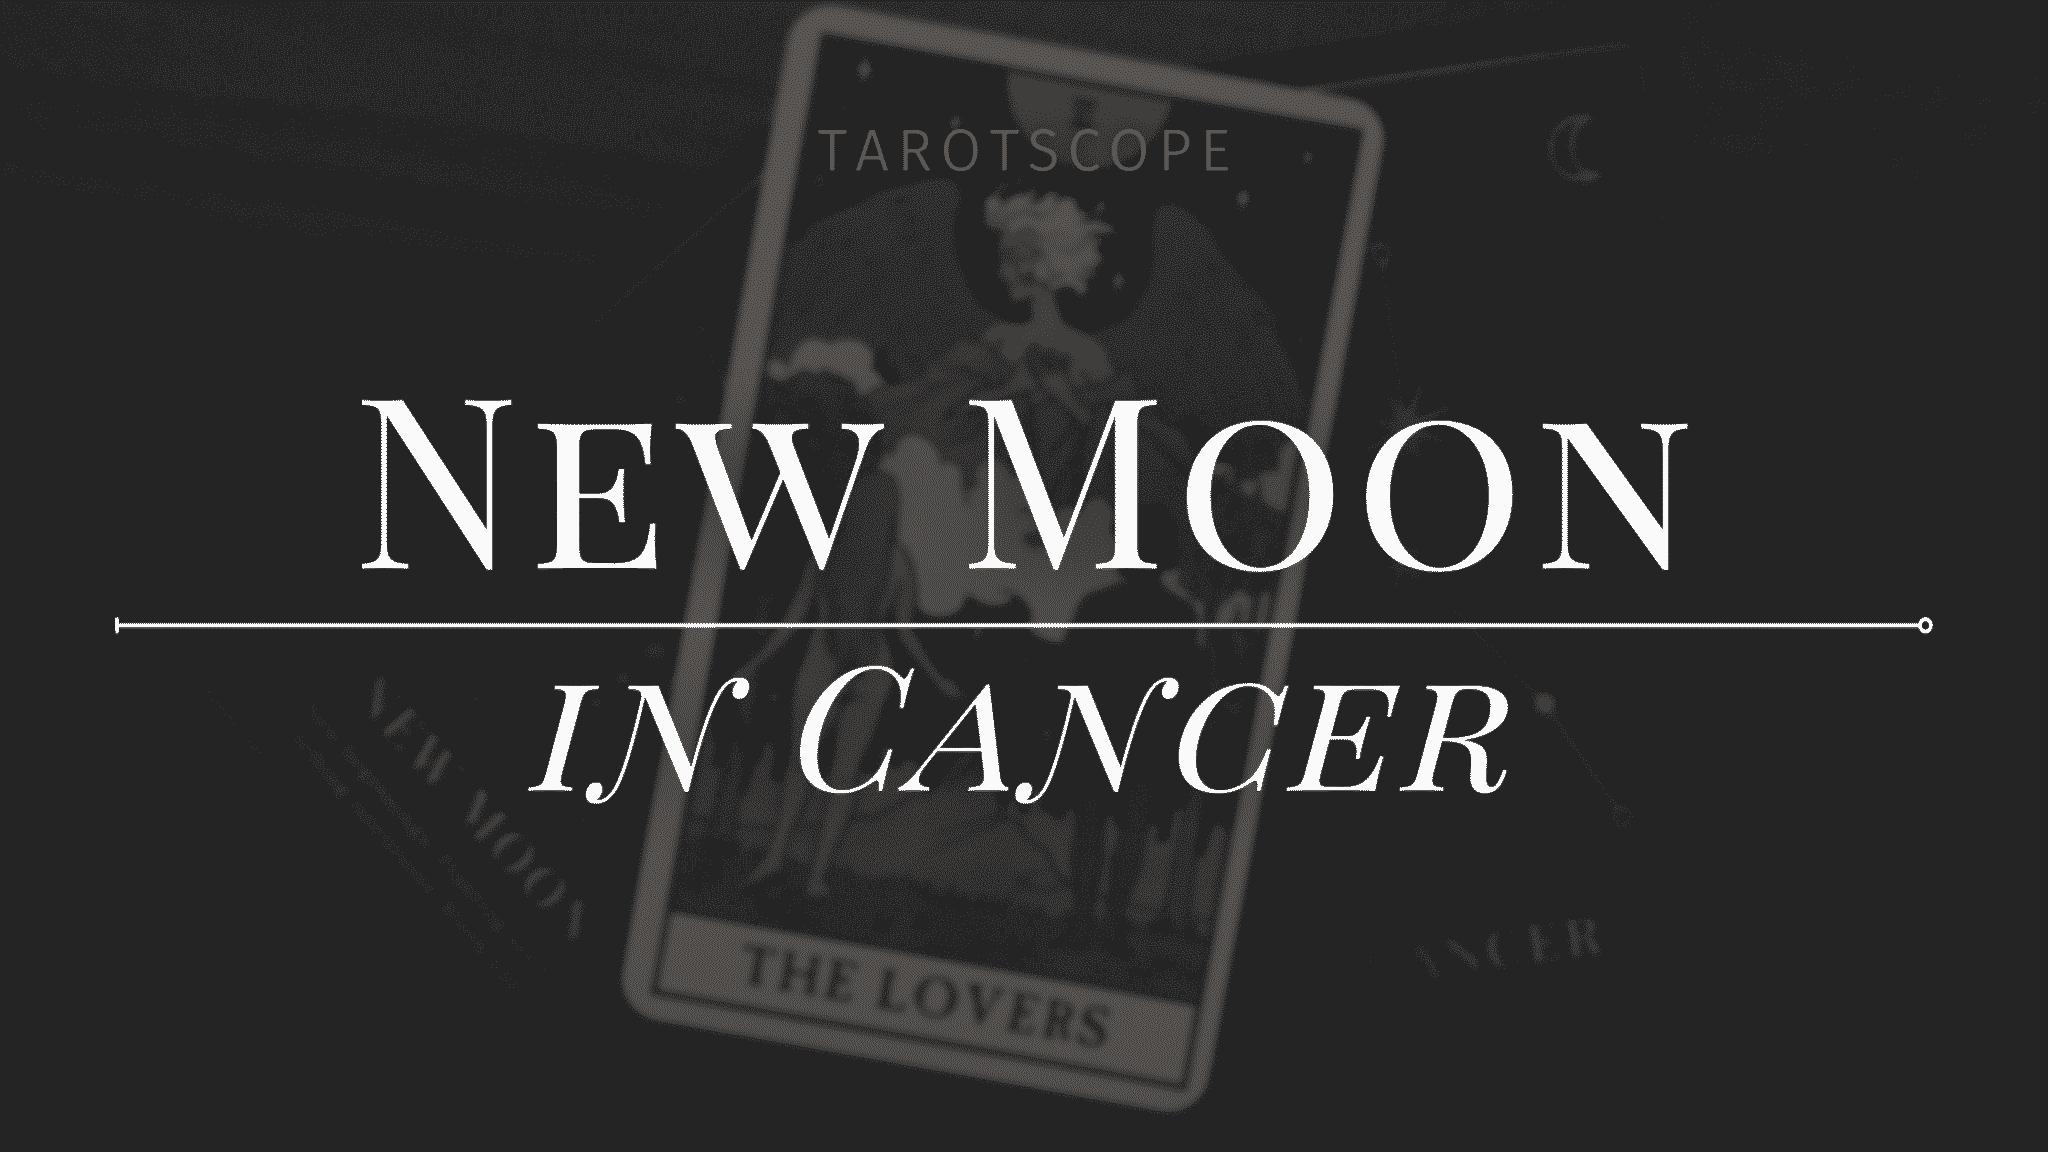 New Moon in Cancer Tarotscope